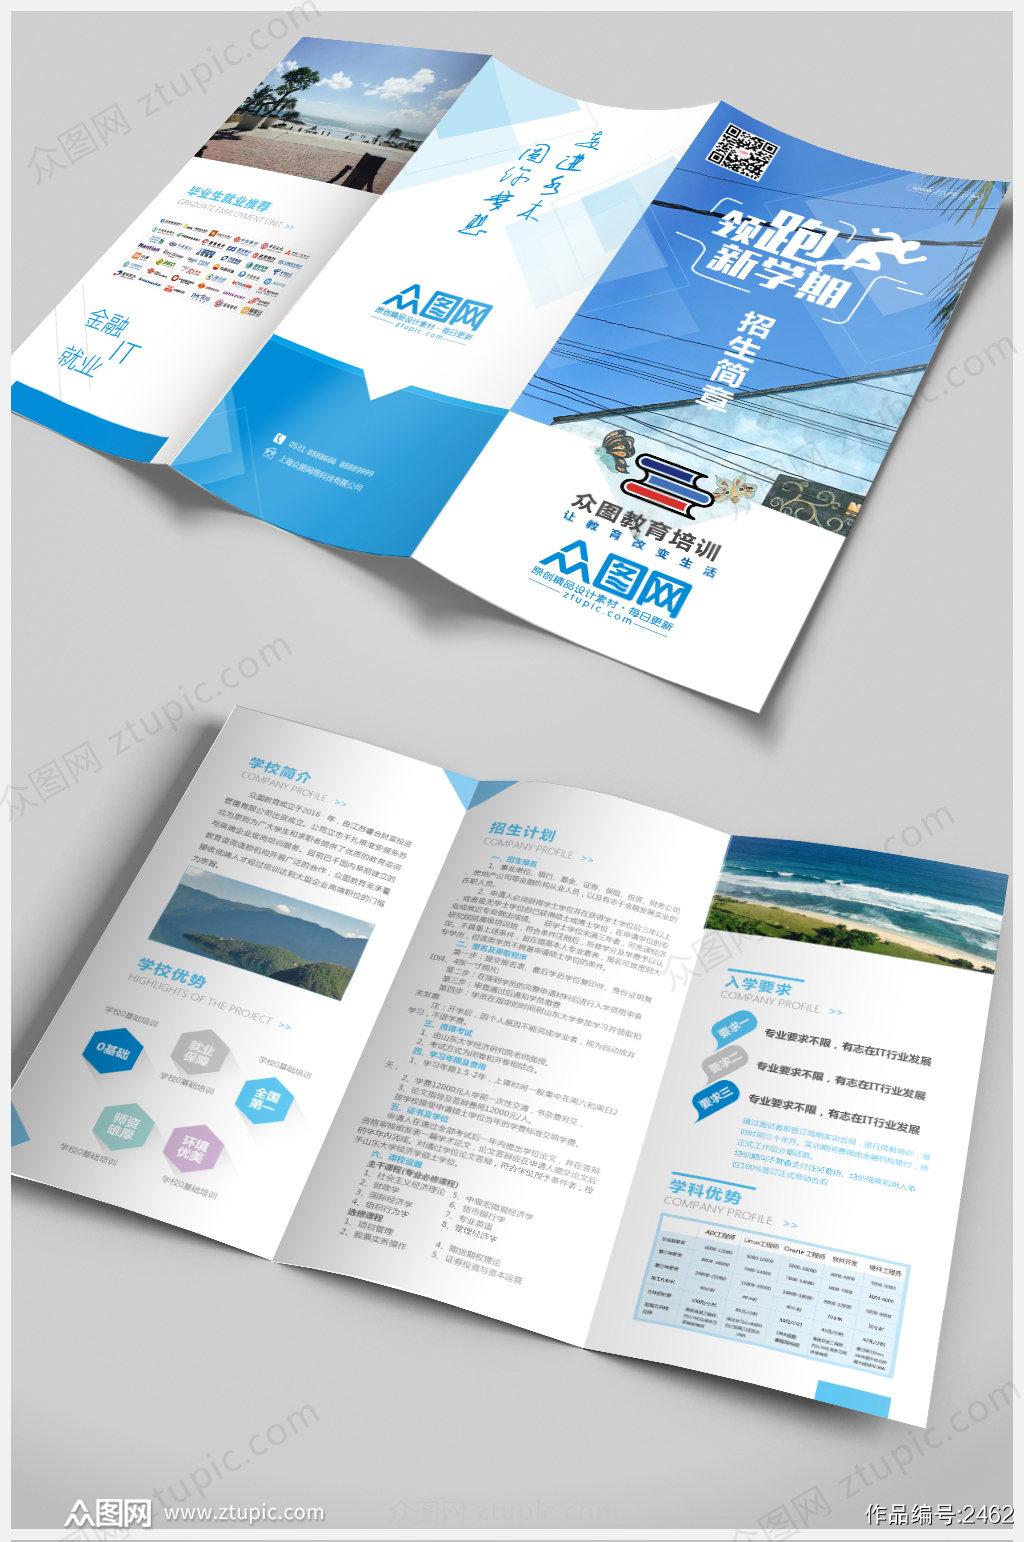 简约蓝色大气高端彩色教育培训招生三折页素材